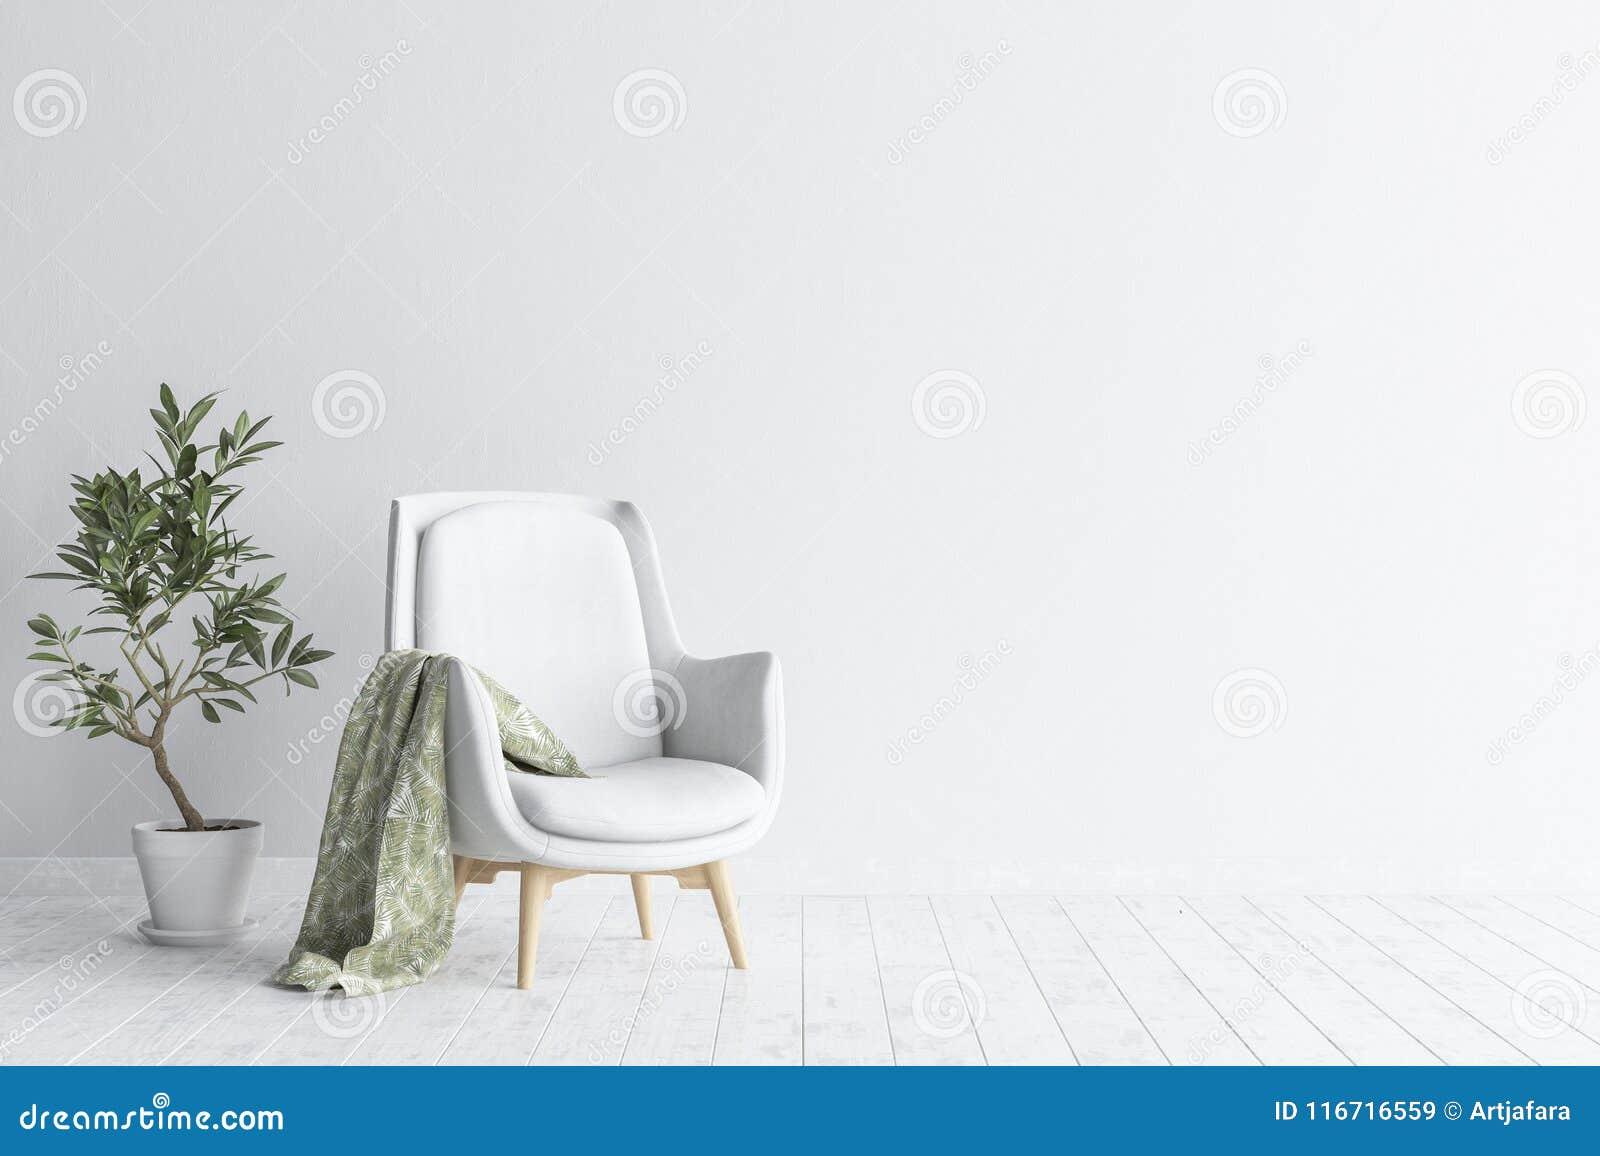 Koraalkleur De Woonkamer : Woonkamerbinnenland met witte bank en bloem witte muurspot op